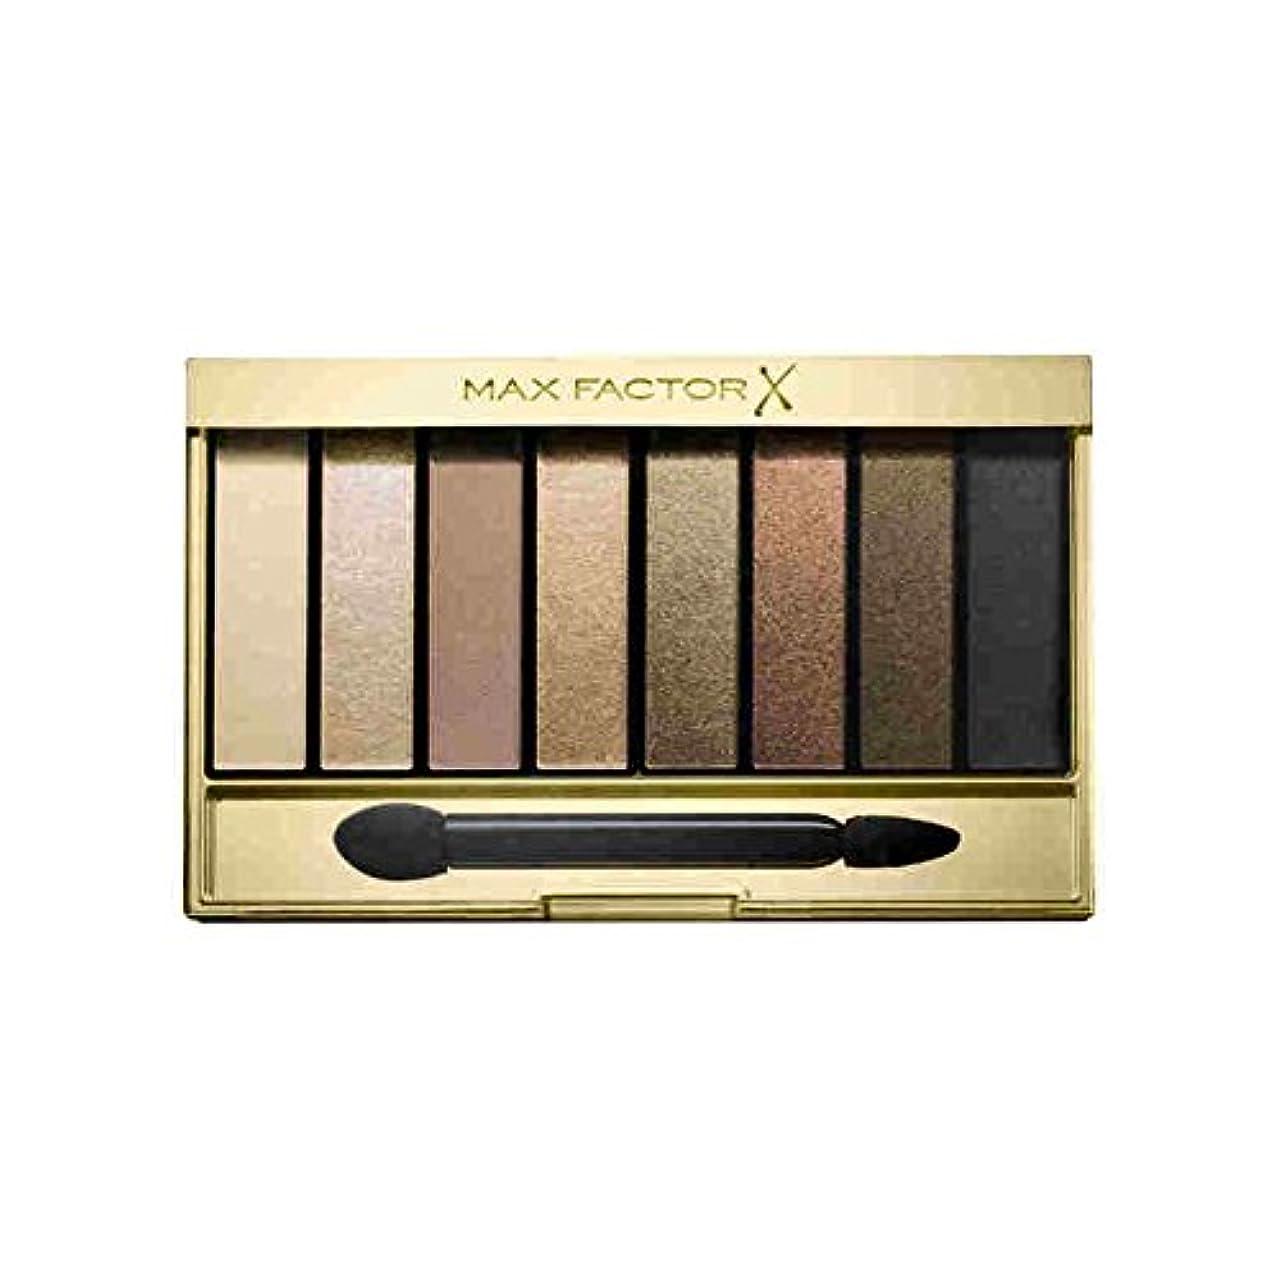 癒す影響力のある胸Max Factor Masterpiece Nude Palette golden nudes - マックスファクターの傑作ヌードパレット黄金のヌード [並行輸入品]